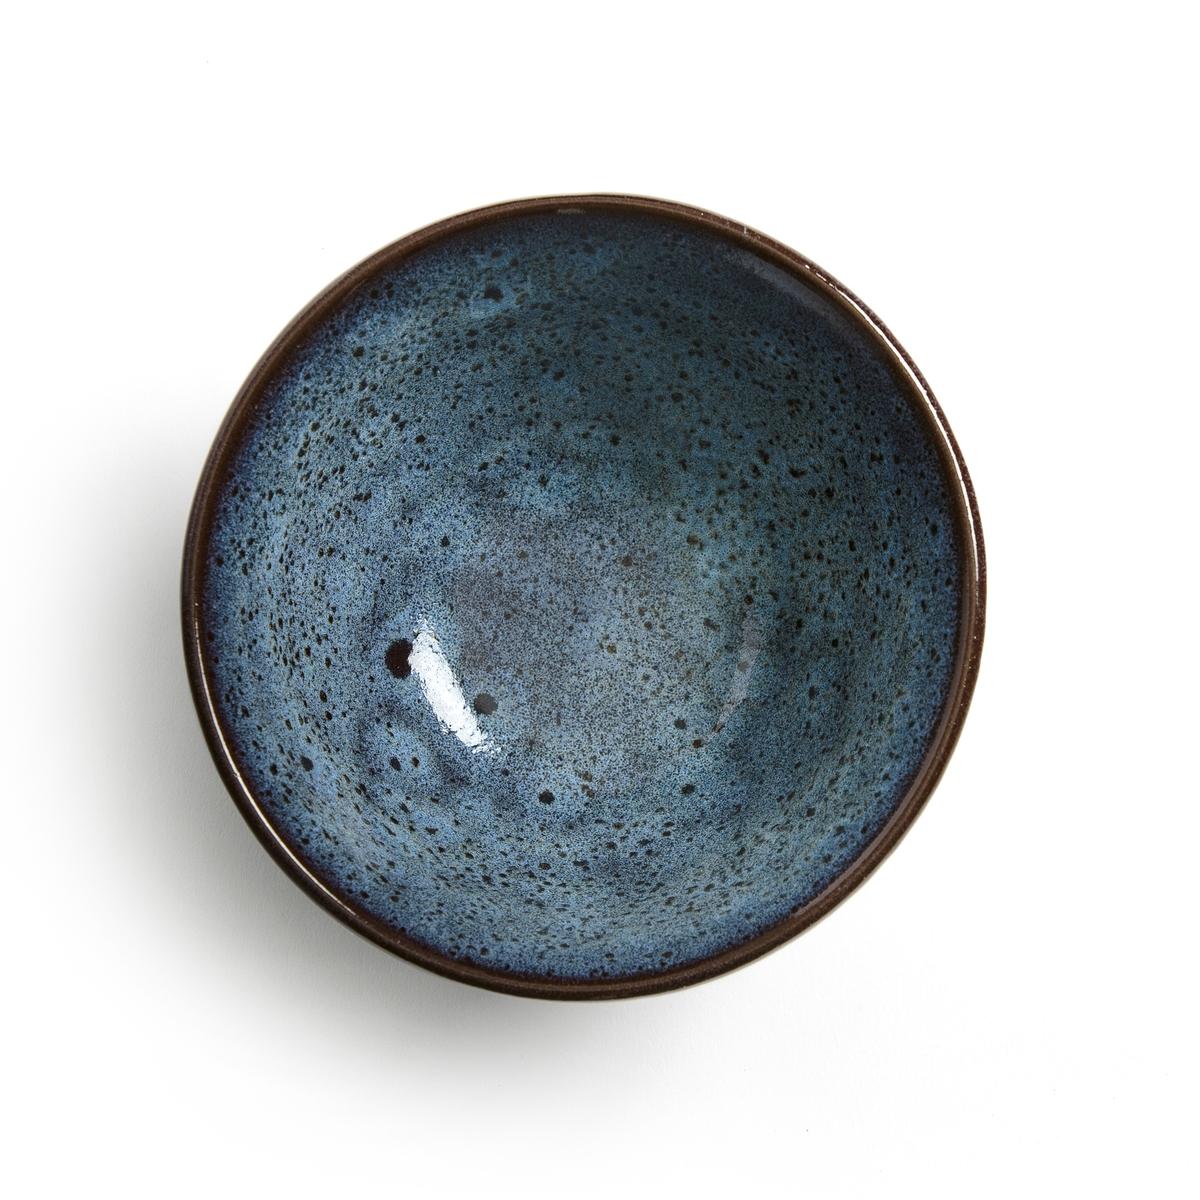 Комплект из чайных чашек La Redoute Из керамики покрытой глазурью Pesgira единый размер синий комплект из 4 чайных чашек из фарфора kubler